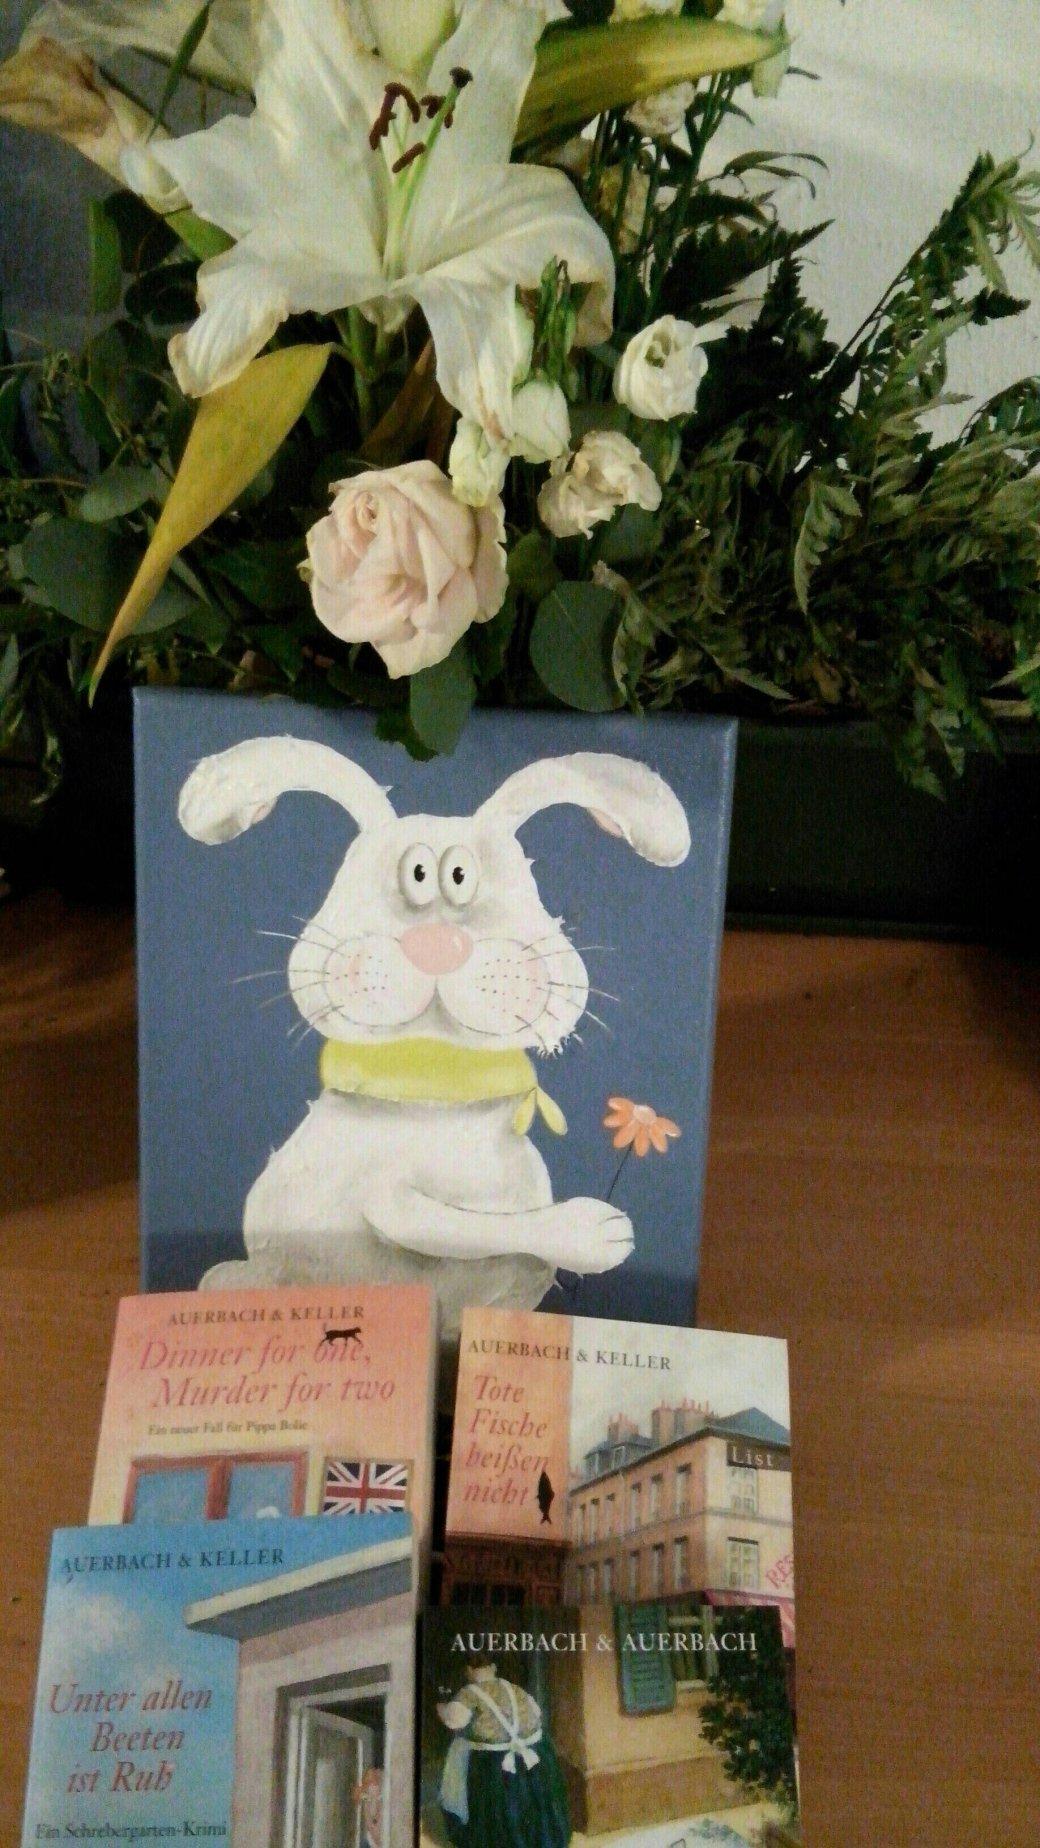 ein großer Blumenstrauß, davor das Bild mit dem Hasen und davor aufgefächert vier Bücher